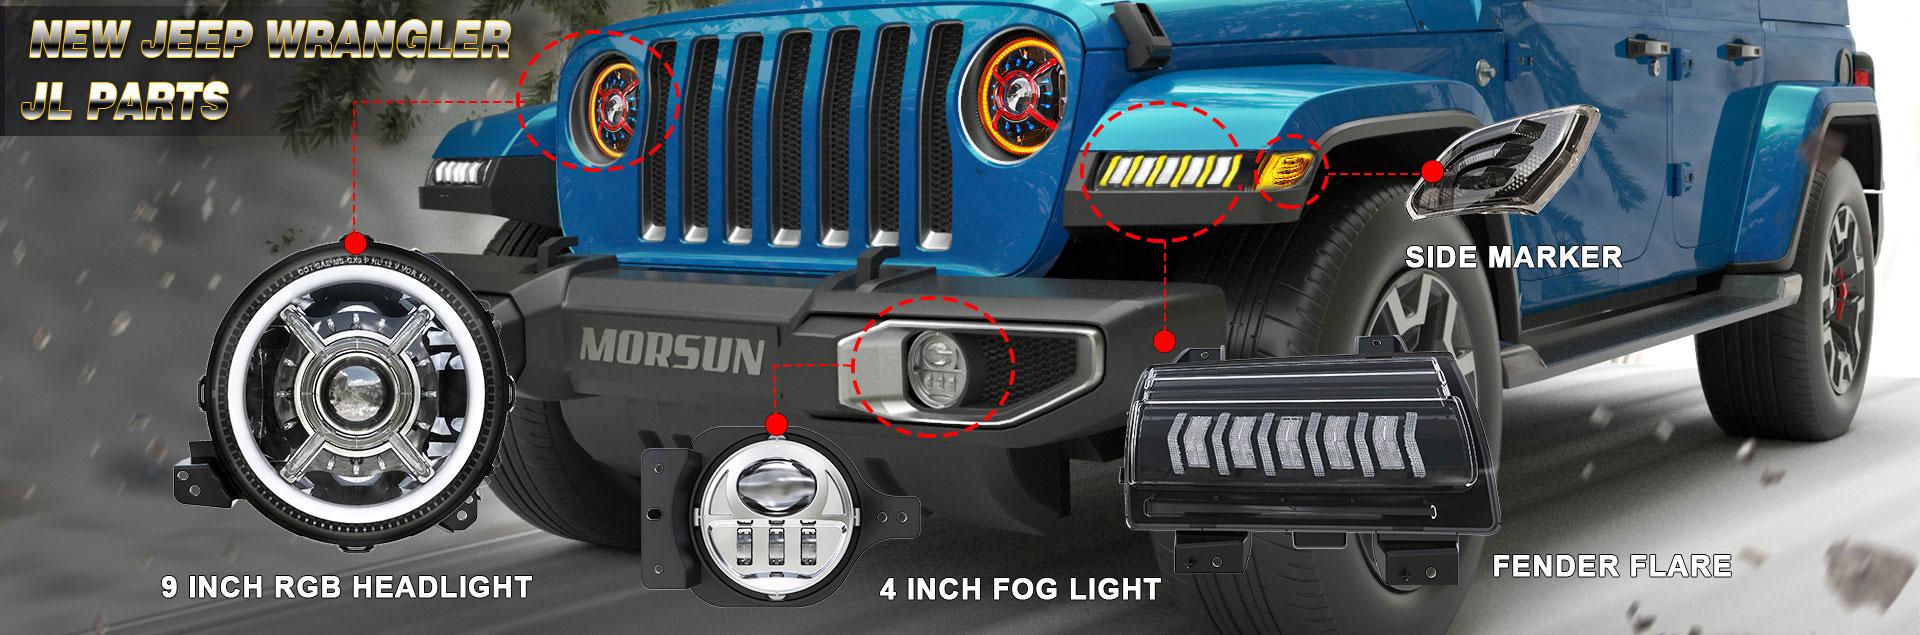 Lampu Led untuk Jeep Wrangler JL 2018 2019